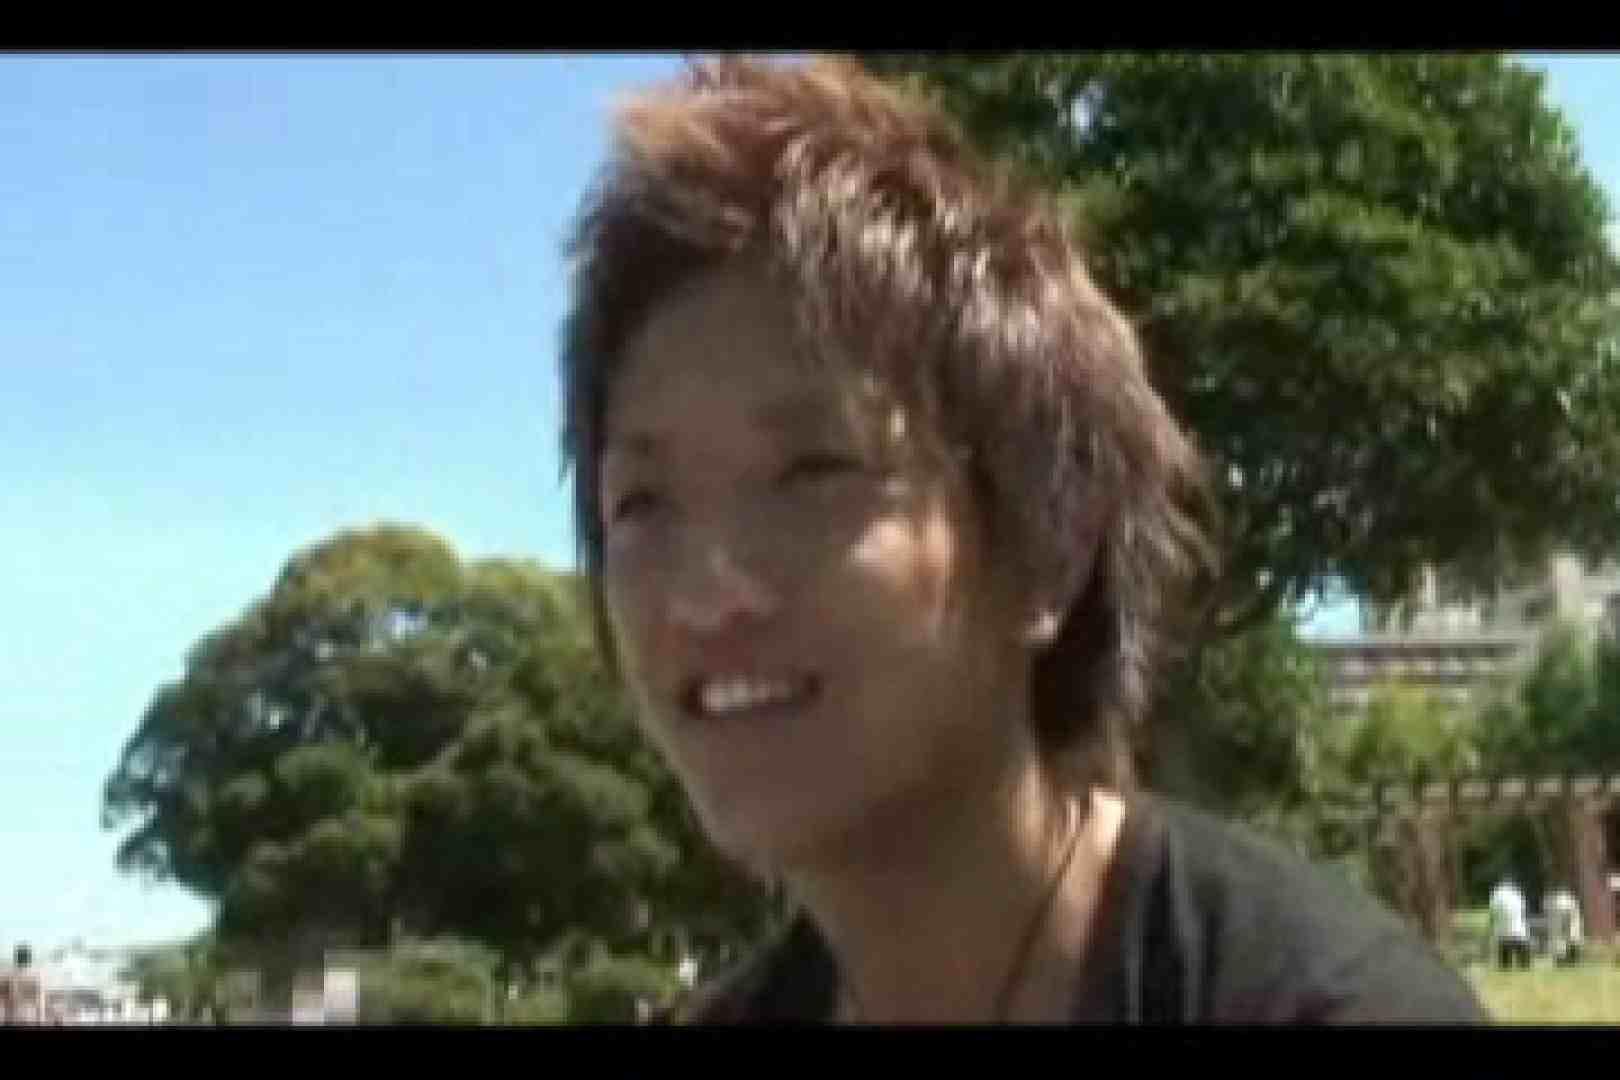 イケメンの逝きまくり旅情!!in 横浜 イケメンパラダイス ゲイ丸見え画像 90pic 5